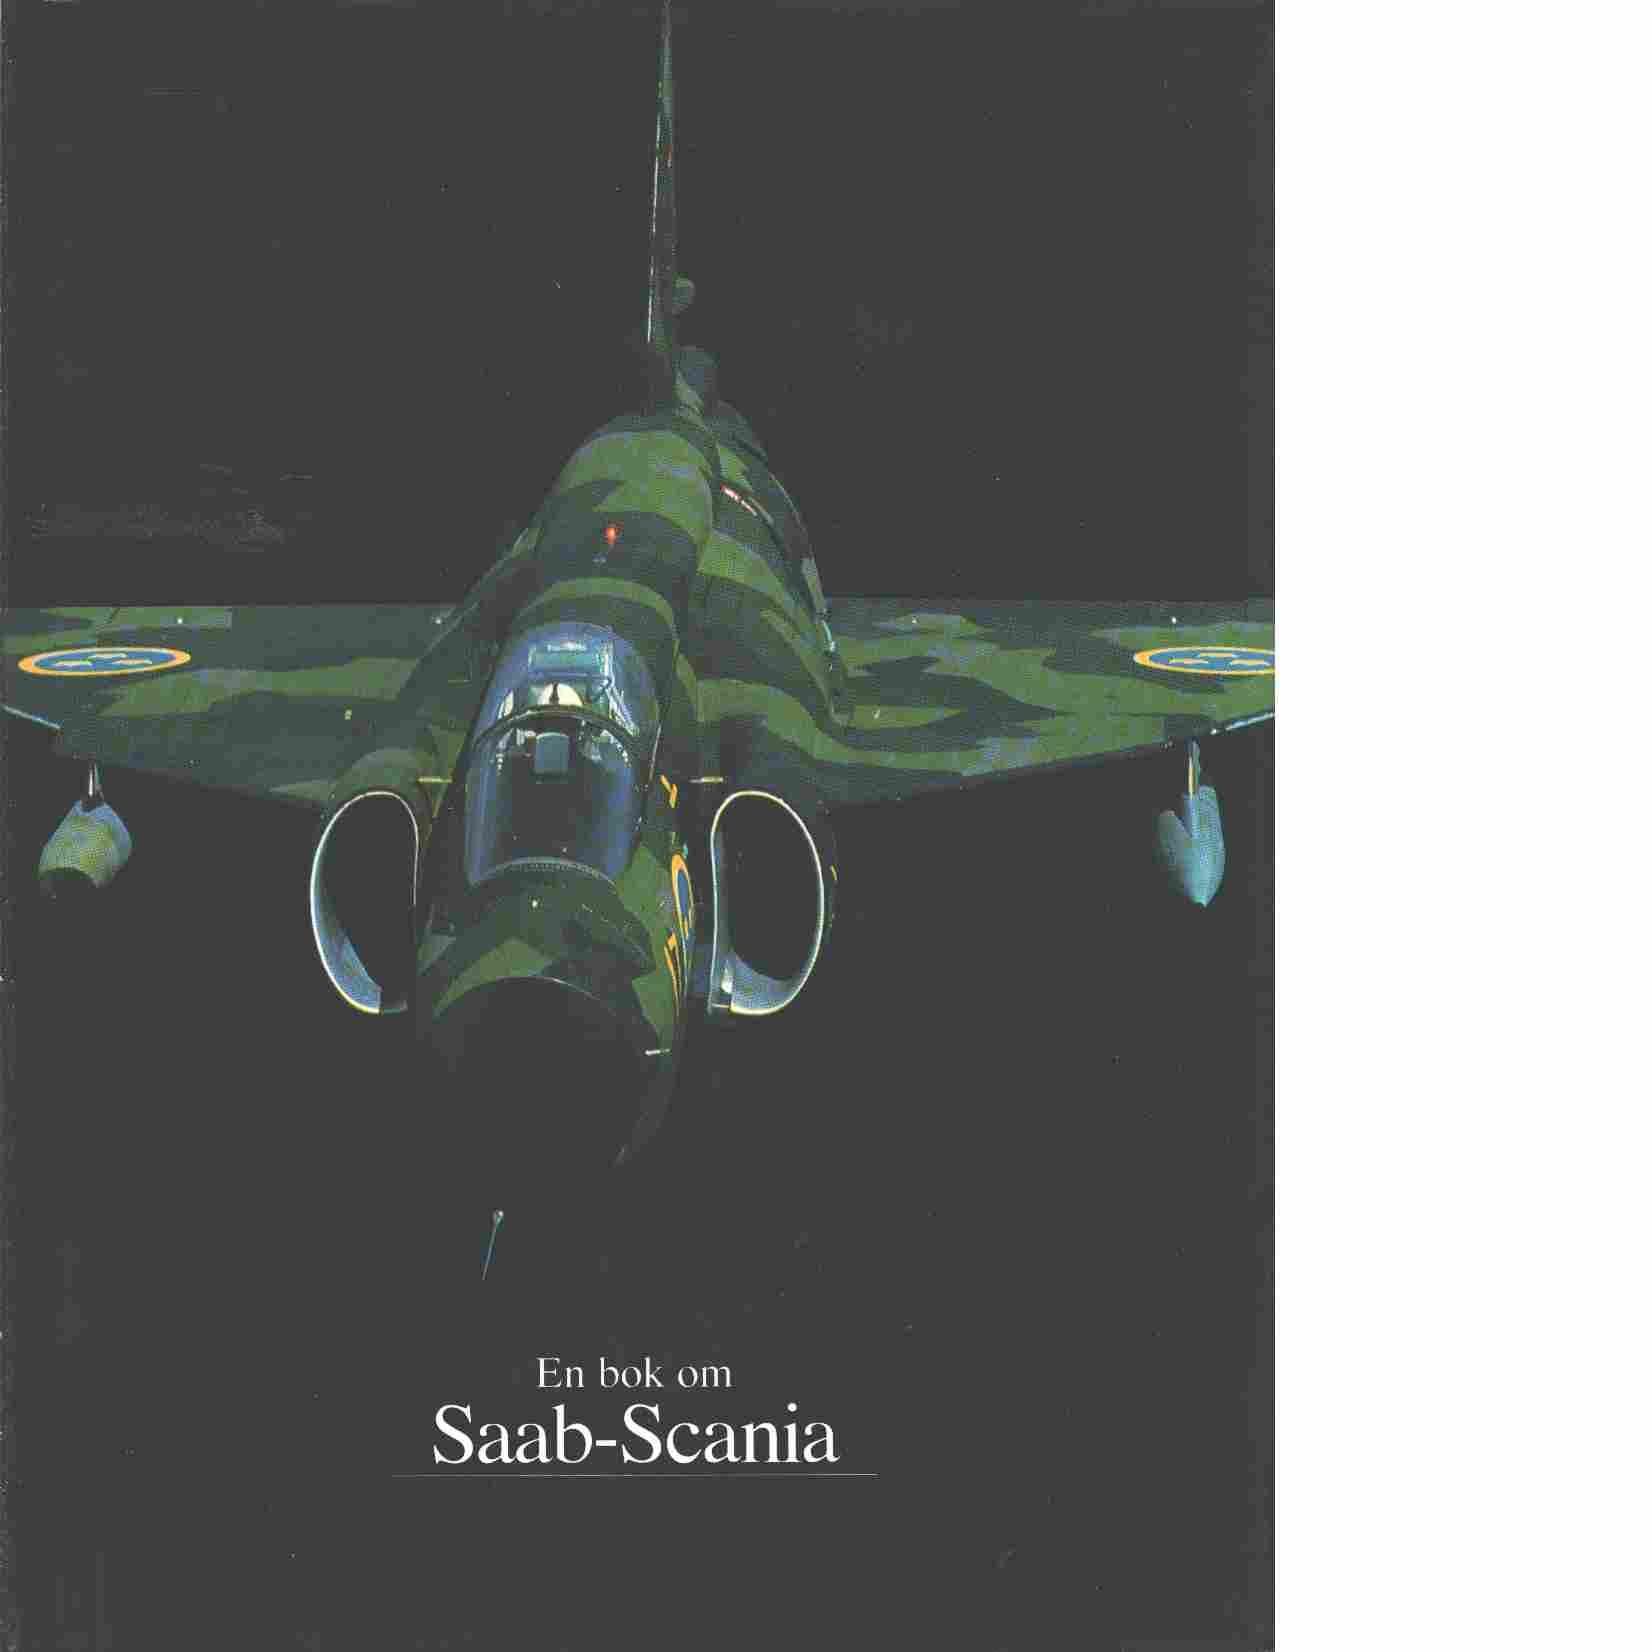 En bok om Saab-Scania - Olson, Björn